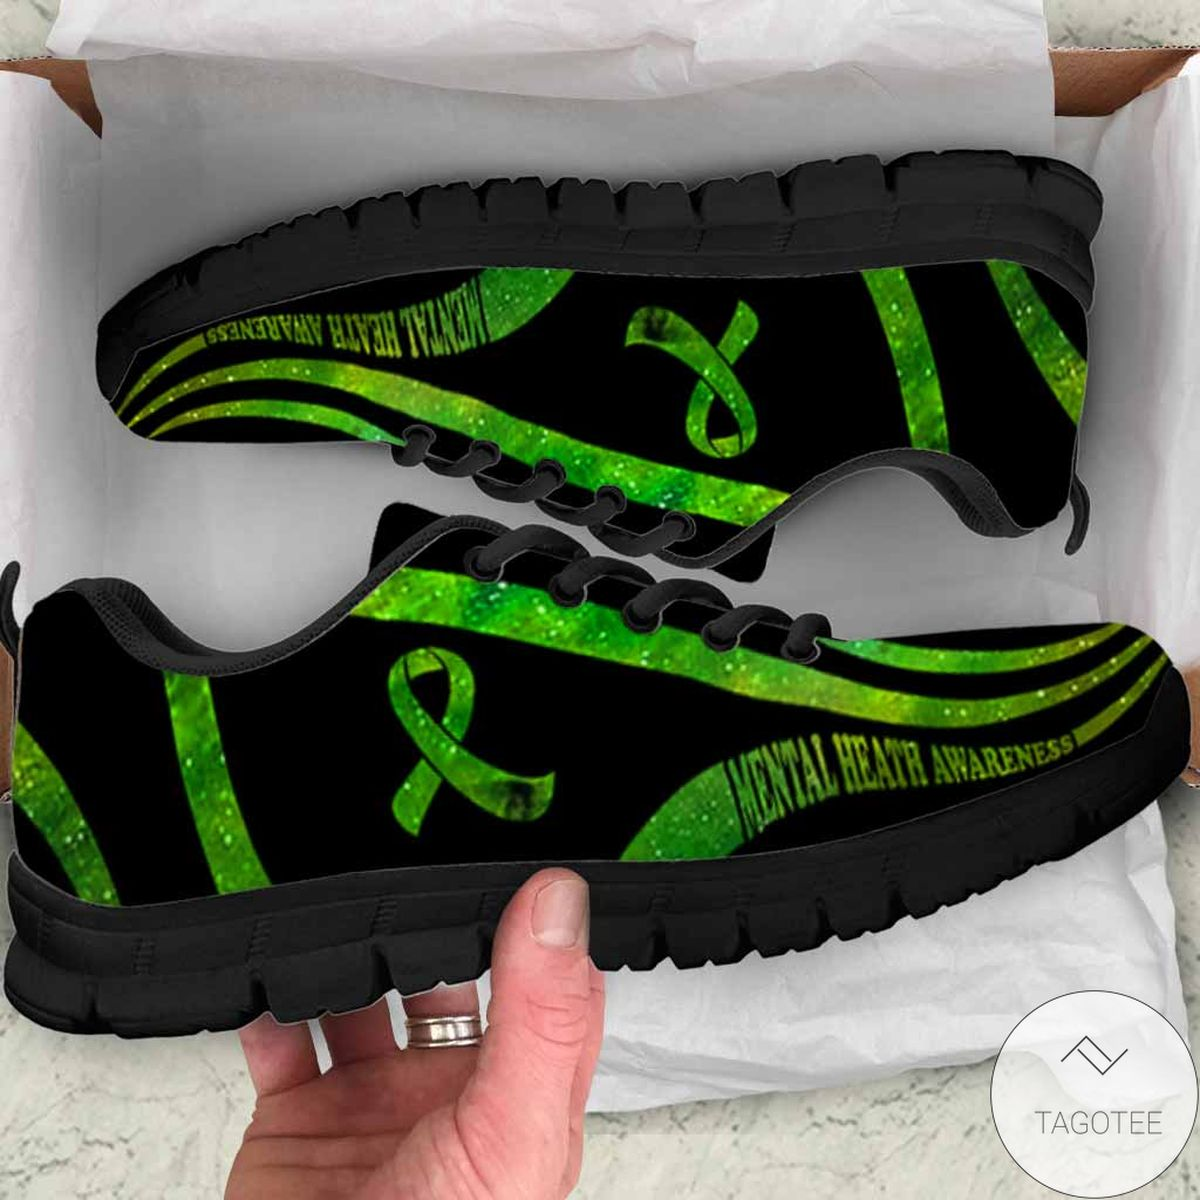 You Matter Mental Health Awareness Sneakers